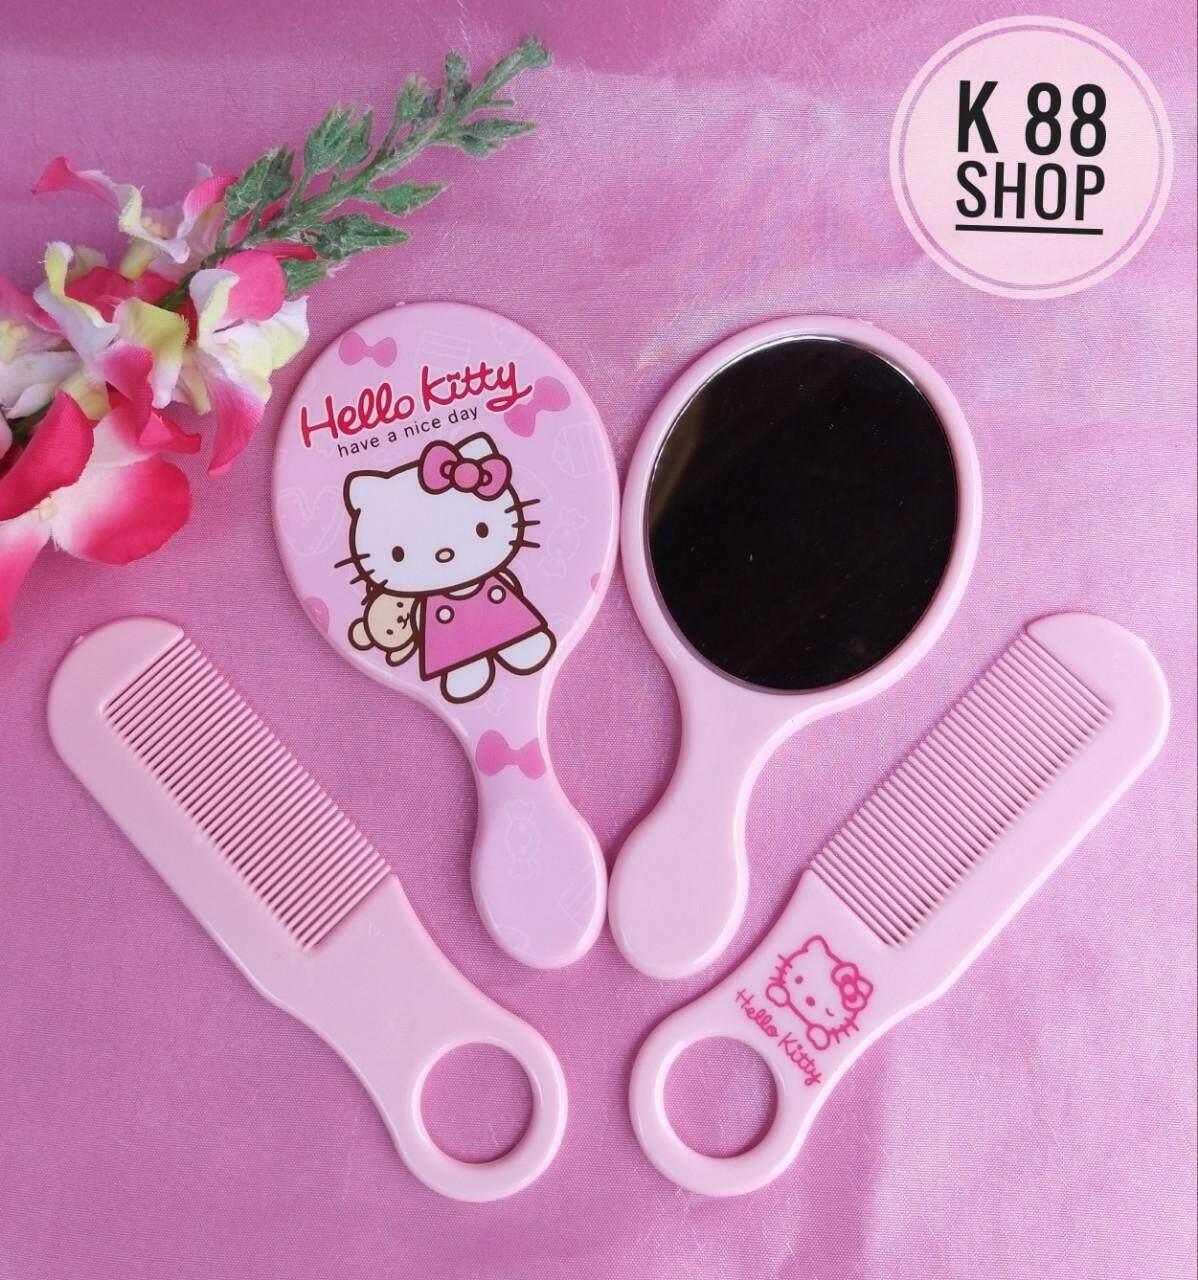 ชุดหวีพร้อมกระจกแมวคิตตี้สีชมพุหวานคละลาย ขนาดพกพา ลวดลายน่ารัก ขนาด 6x12 Cm. By Love Shop.